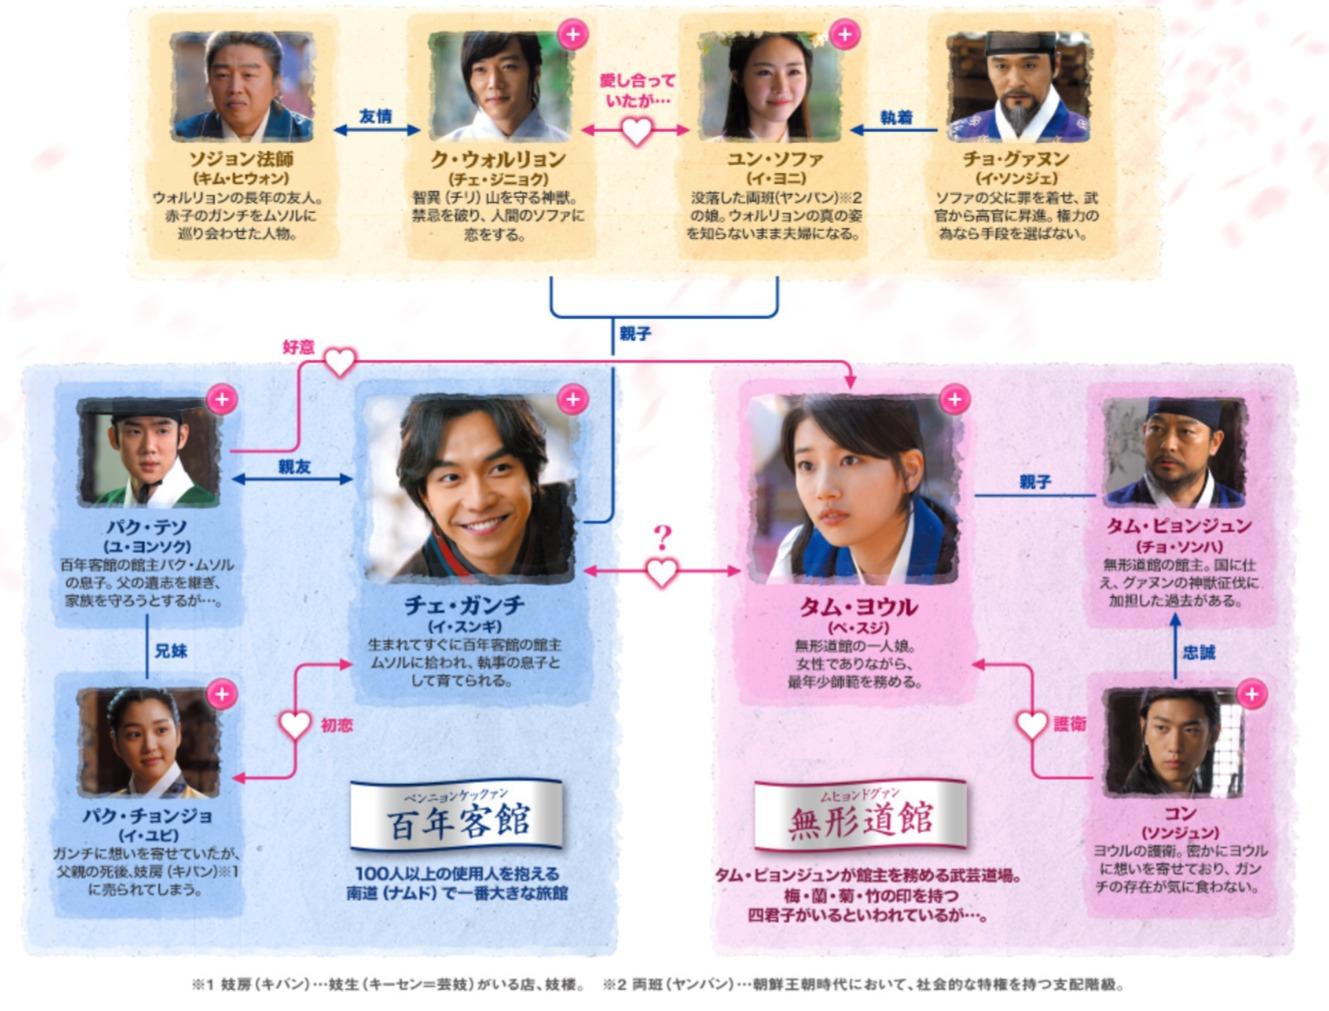 韓国ドラマ『九家の書~千年に一度の恋~』登場人物相関図(関係図)